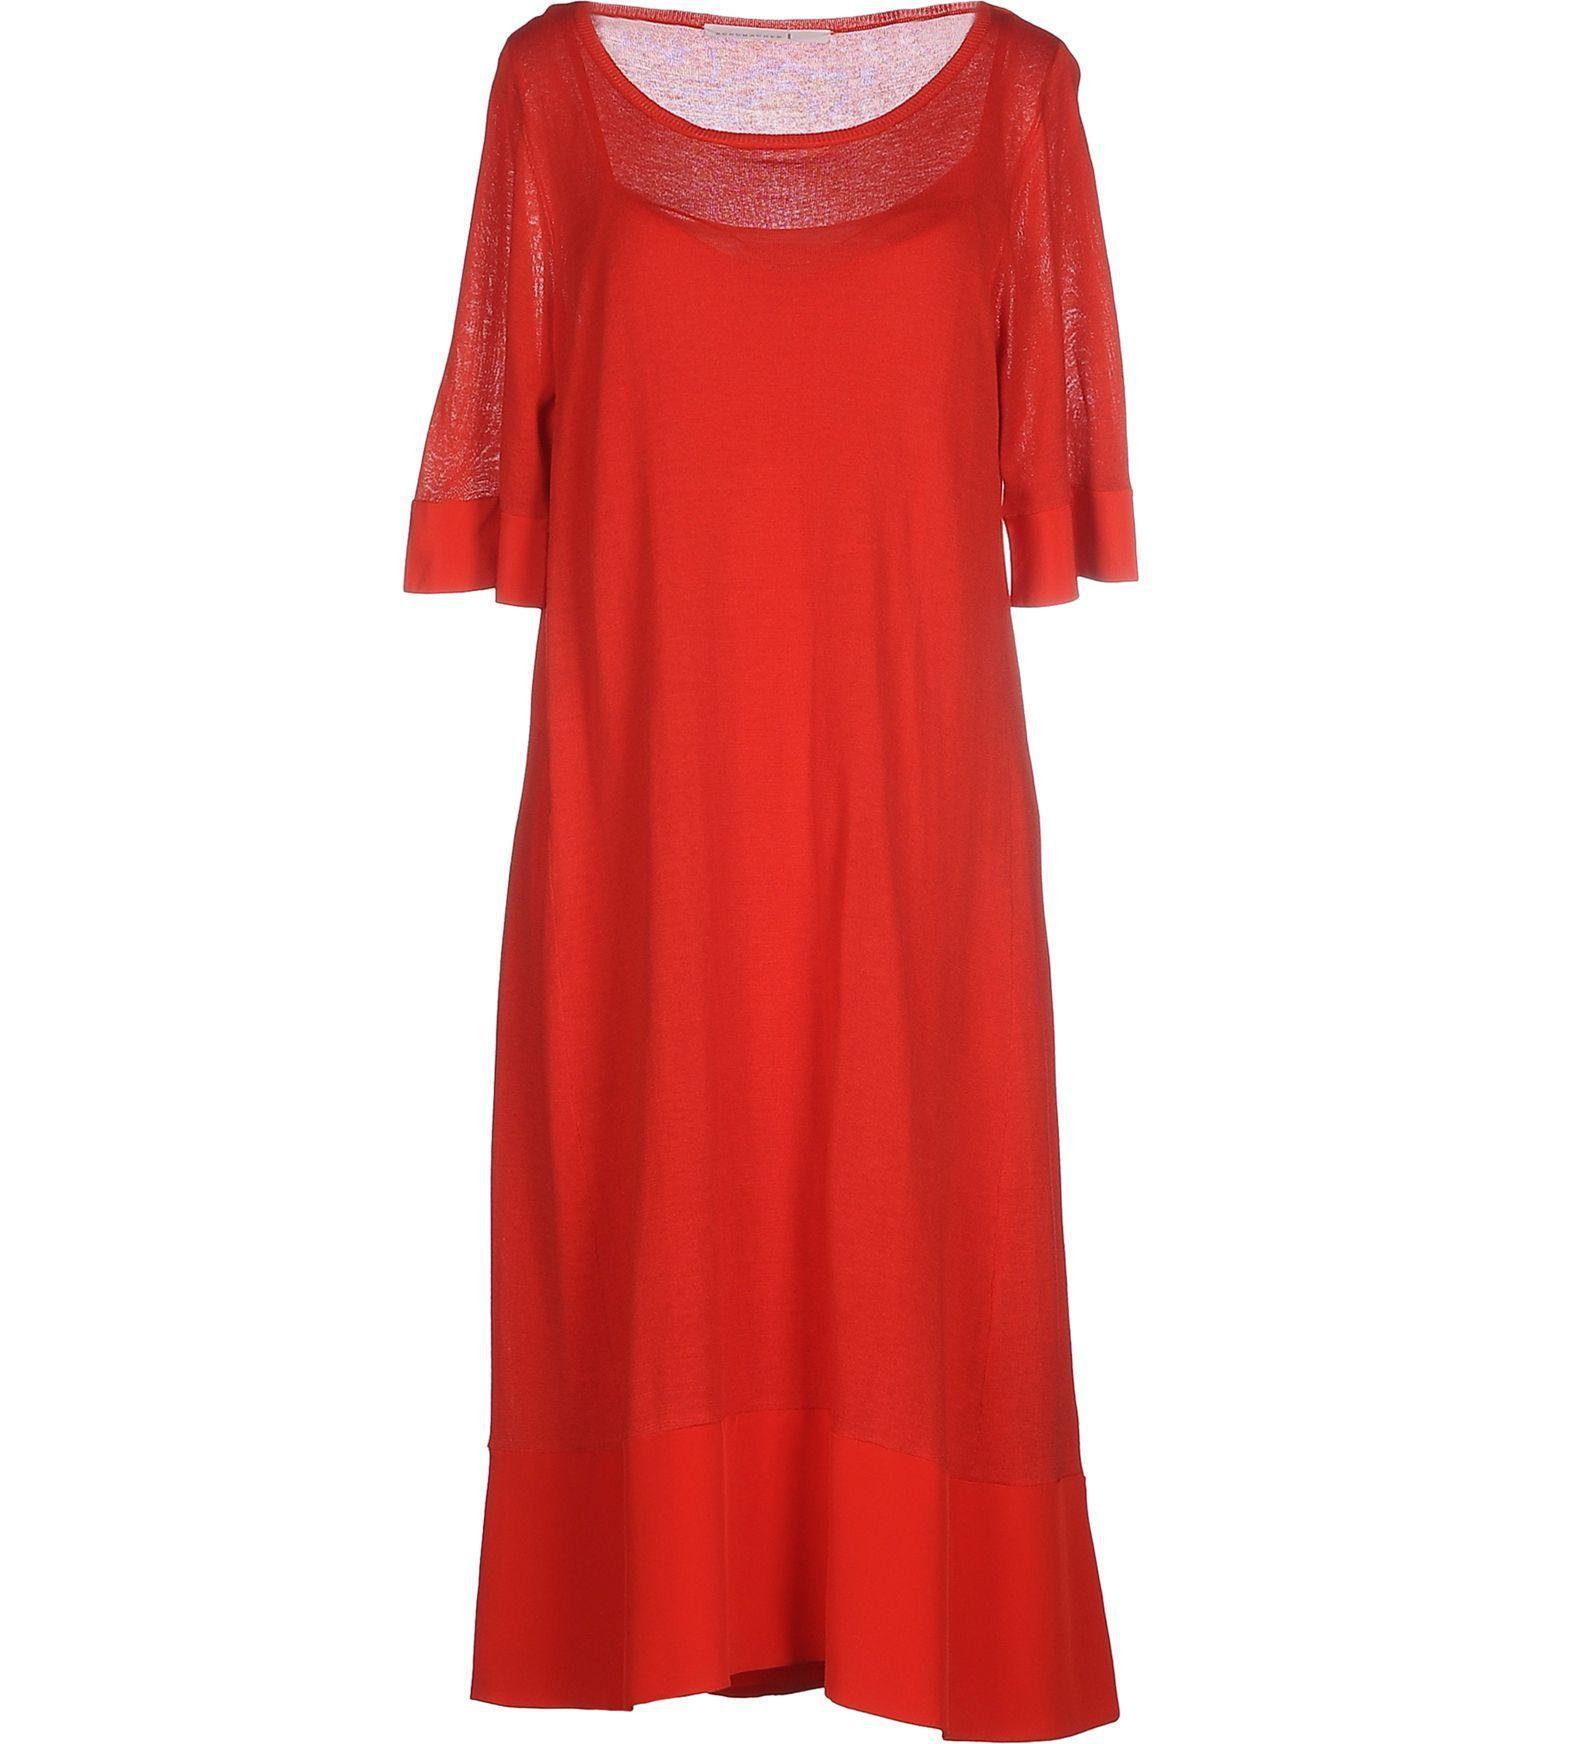 Αυτή την ευκαιρία δεν πρέπει να την χάσεις:SCHUMACHER ΦΟΡΕΜΑΤΑ Φόρεμα μέχρι το γόνατο στην μοναδική τιμή των...